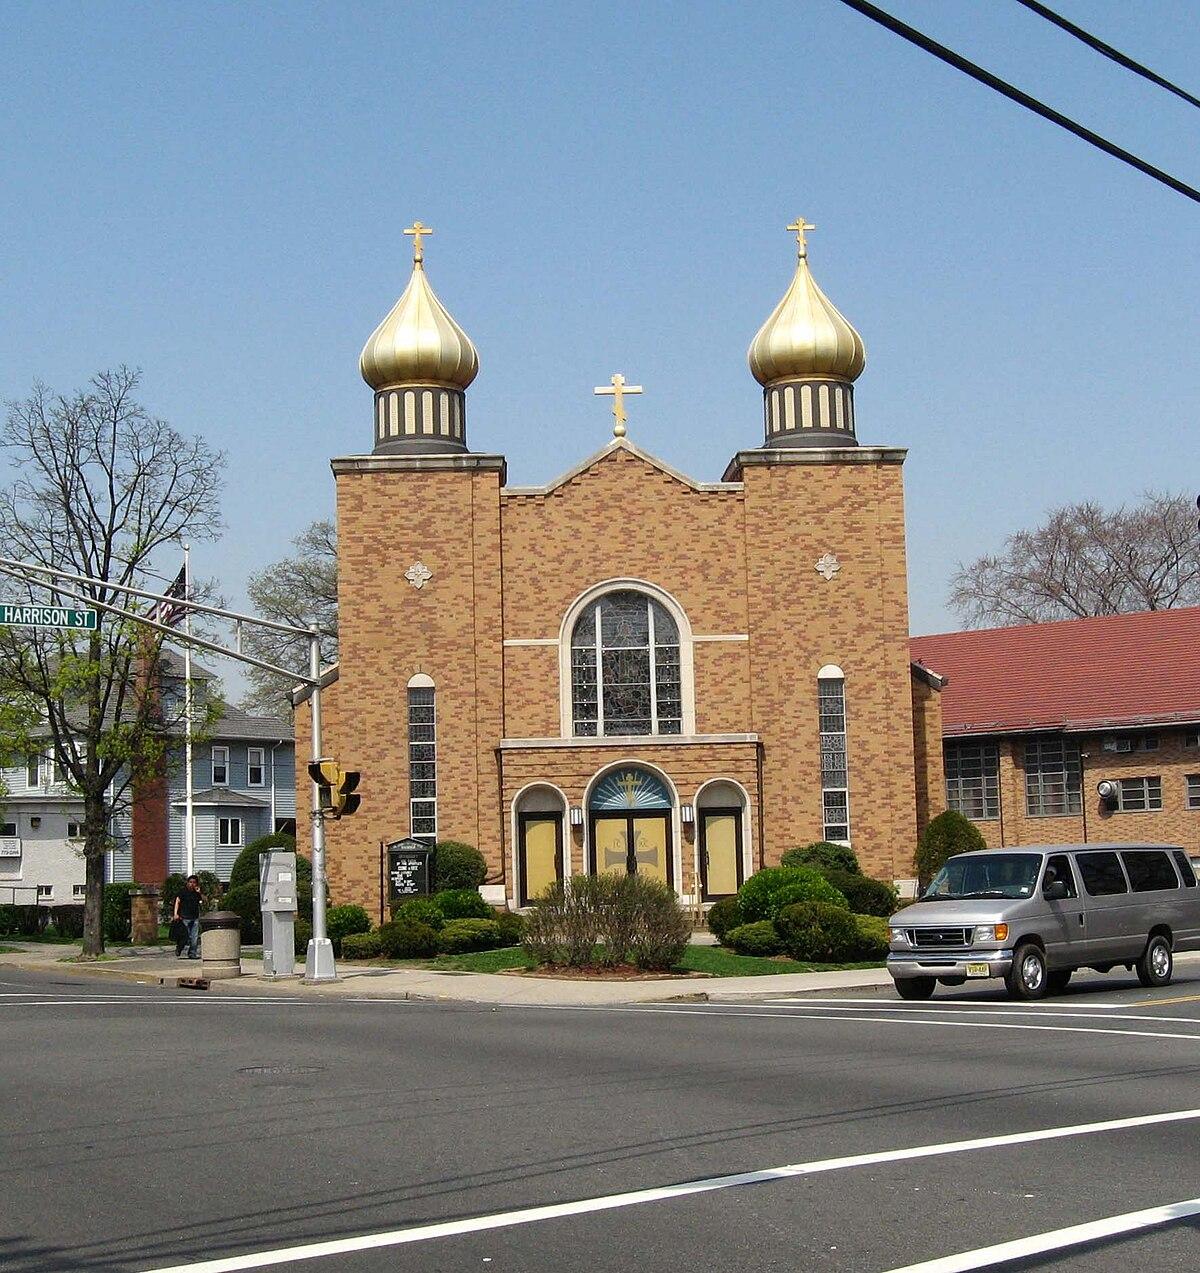 Passaic (Nueva Jersey) - Wikipedia, la enciclopedia libre